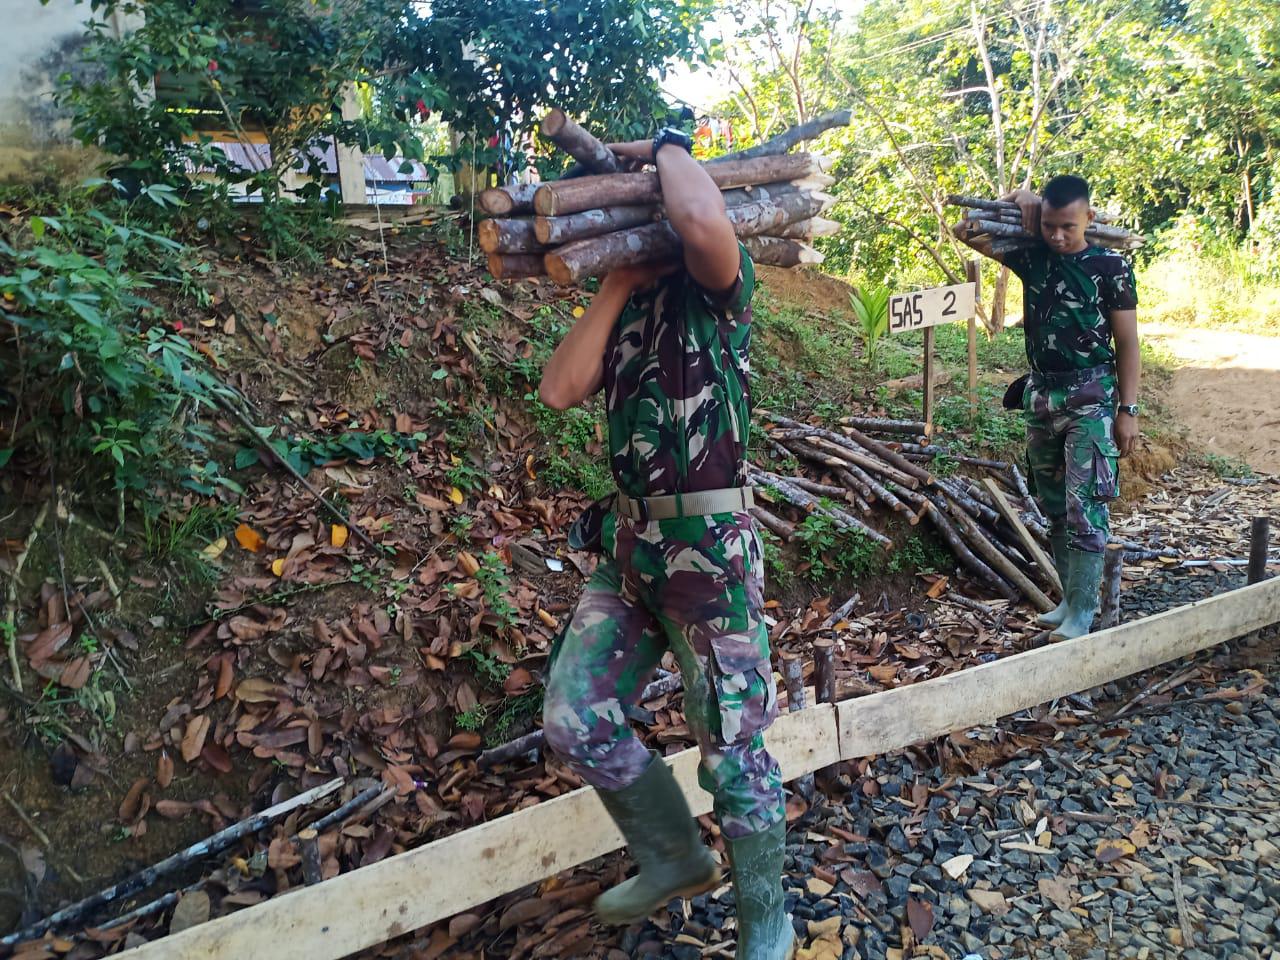 Anggota satgas TMMD siapkan kayu untuk bahan bakar memasak.